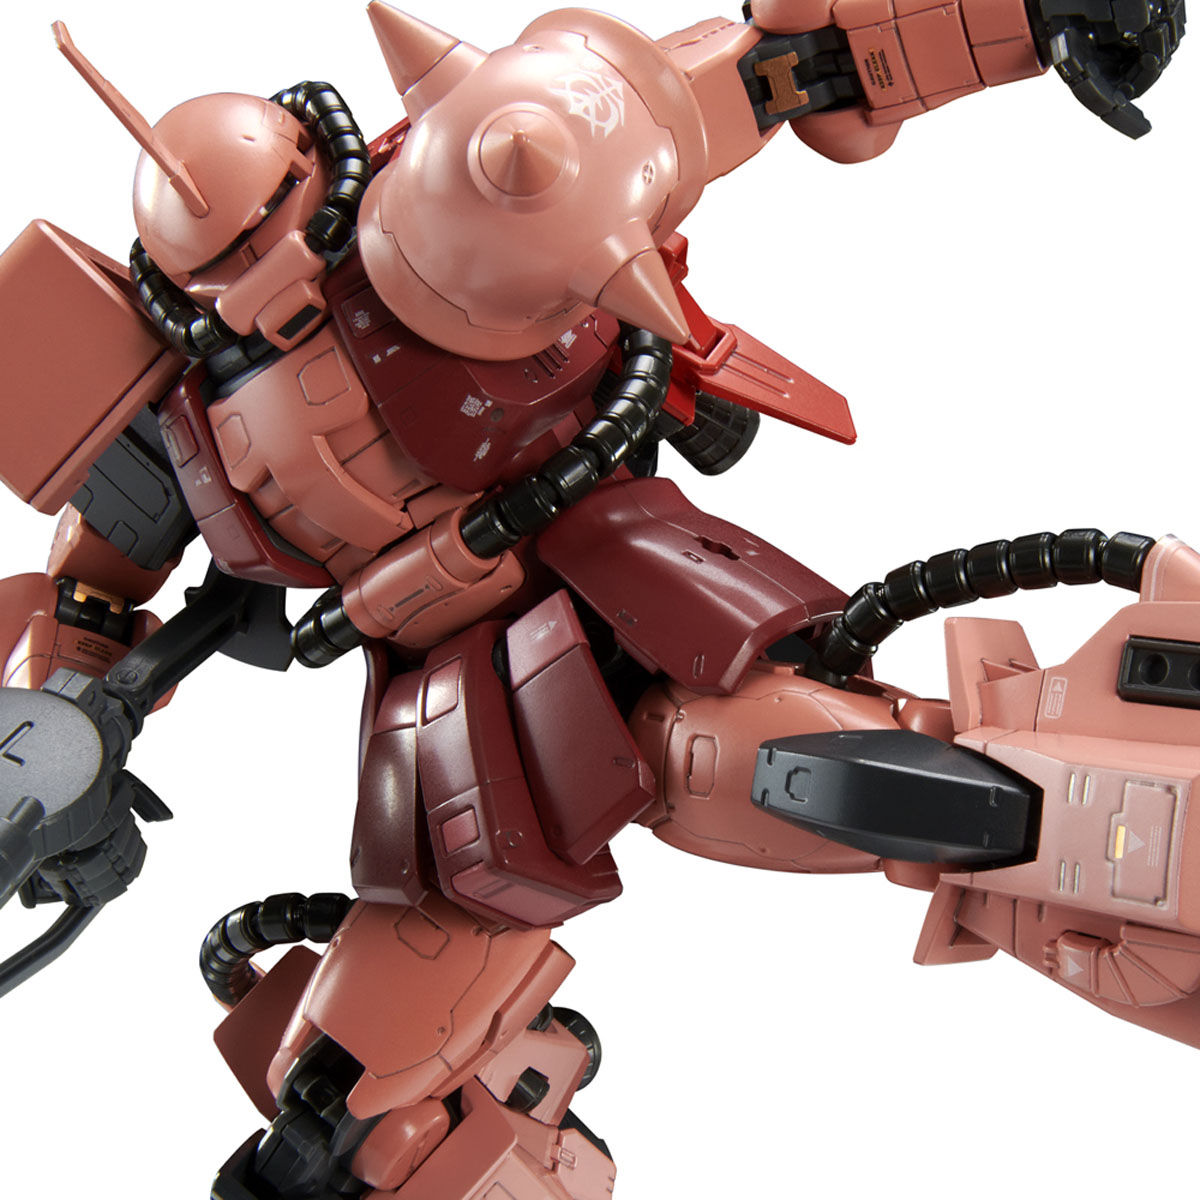 【限定販売】RG 1/144『RX-78-2 ガンダム(チームブライトカスタム)』ガンダムビルドリアル プラモデル-017